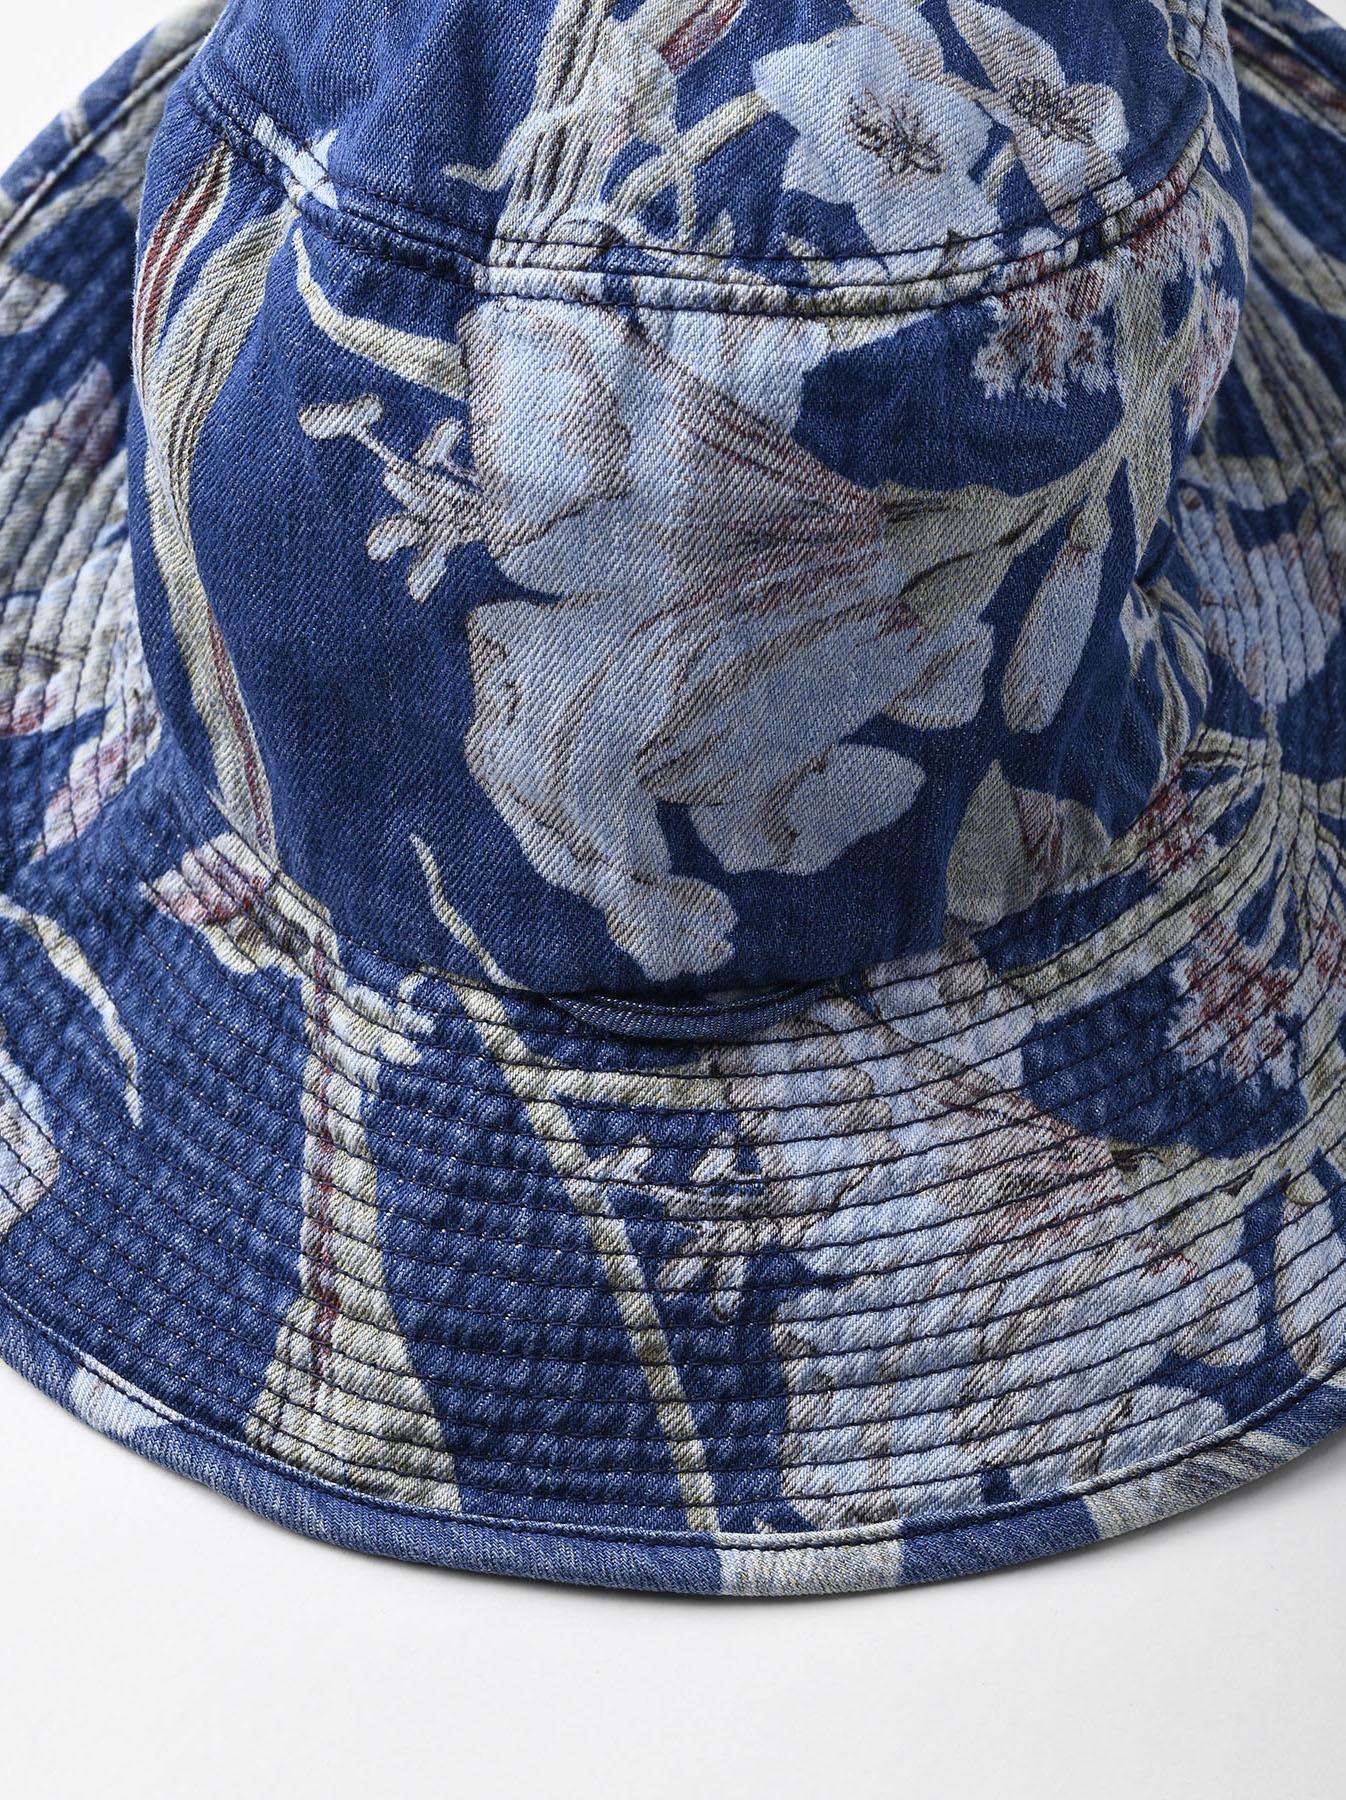 Cotton Lily Print Sail Hat (0621)-4